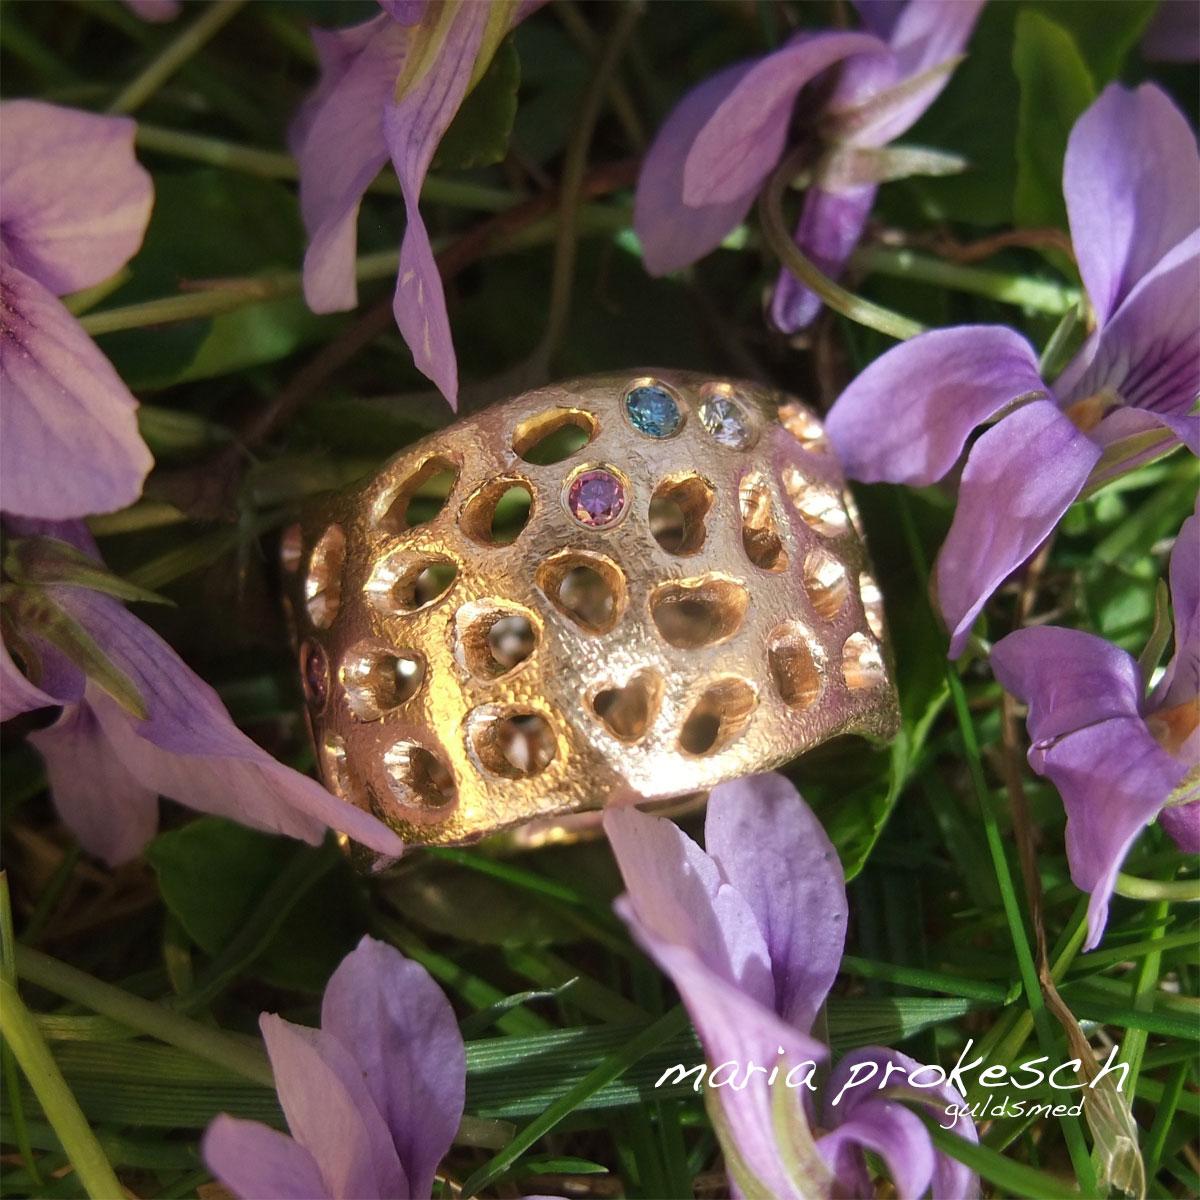 Bred ring med udsavet tilfældigt mønster i 14 kt guld med diamanter. Barselsgave med symboler på børn